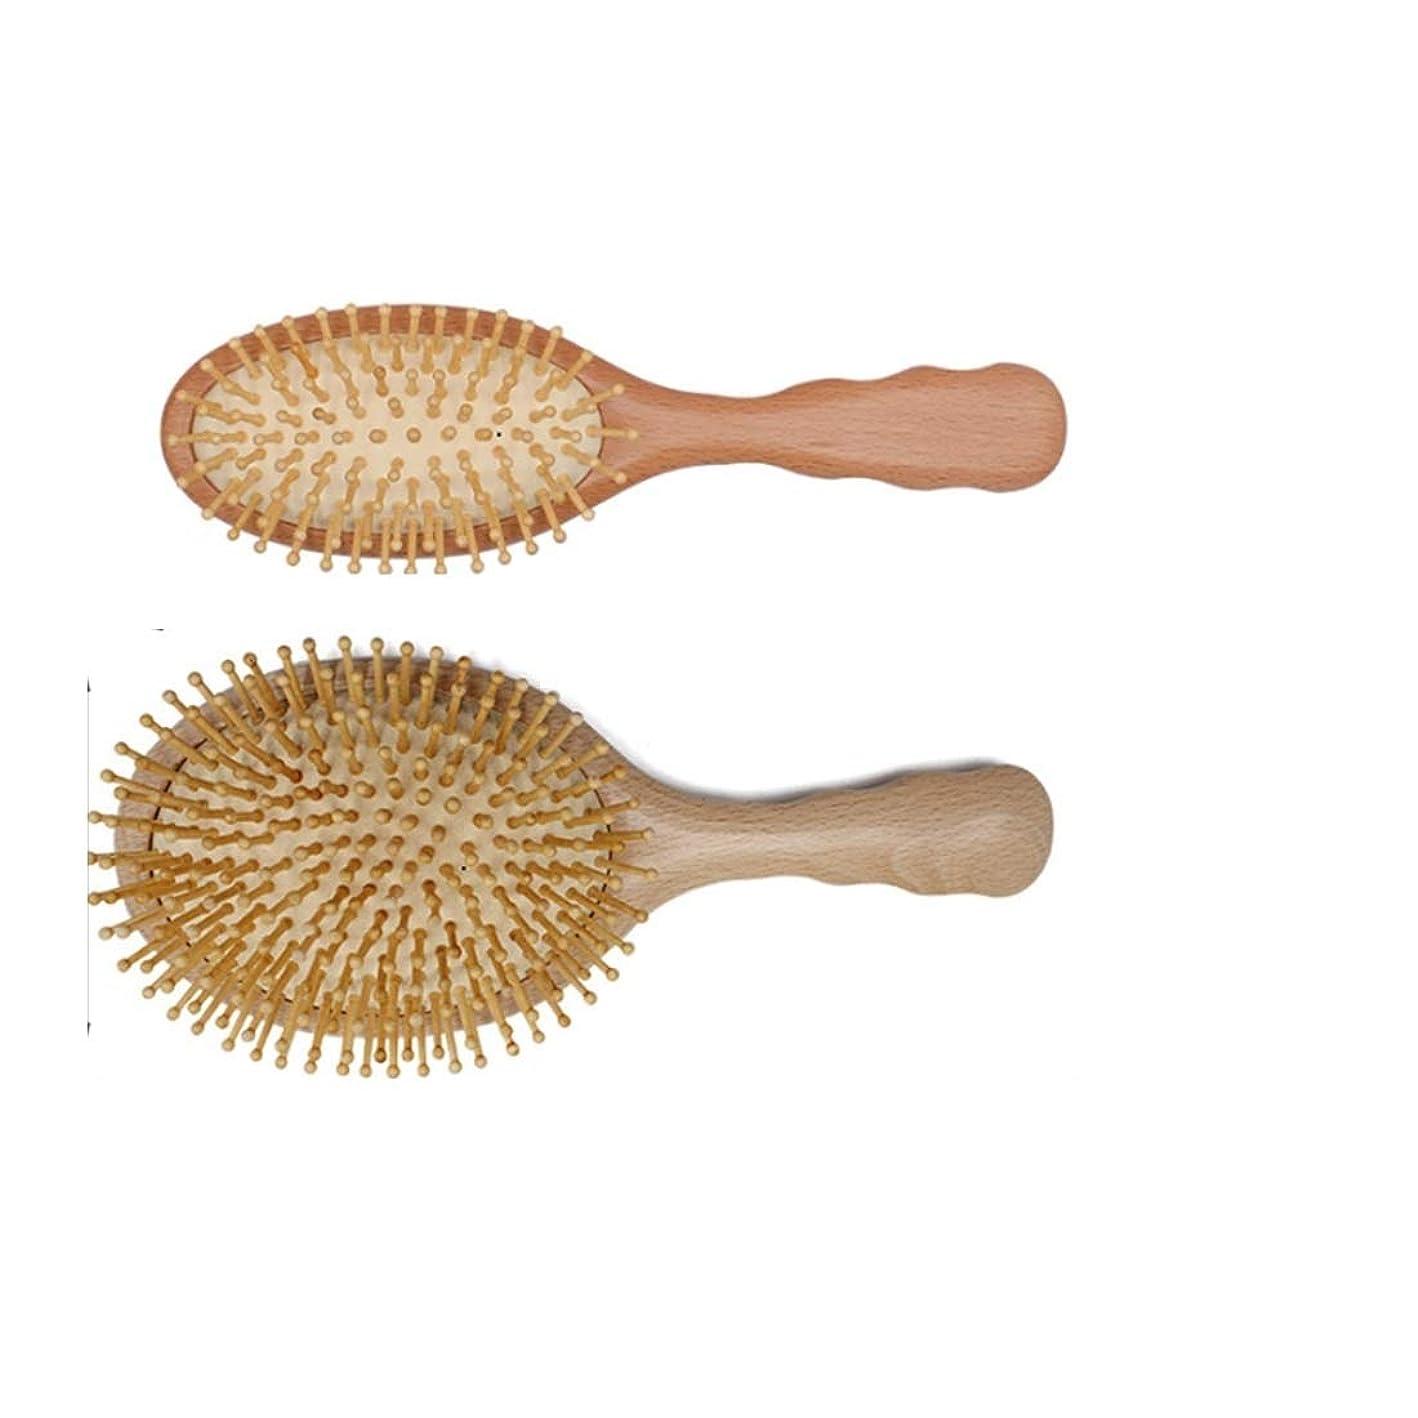 ピアース撃退するドロー人および女性のための木の剛毛のマッサージの頭皮の櫛が付いている10インチの天然木のゴム製ヘア?ブラシ モデリングツール (サイズ : S)